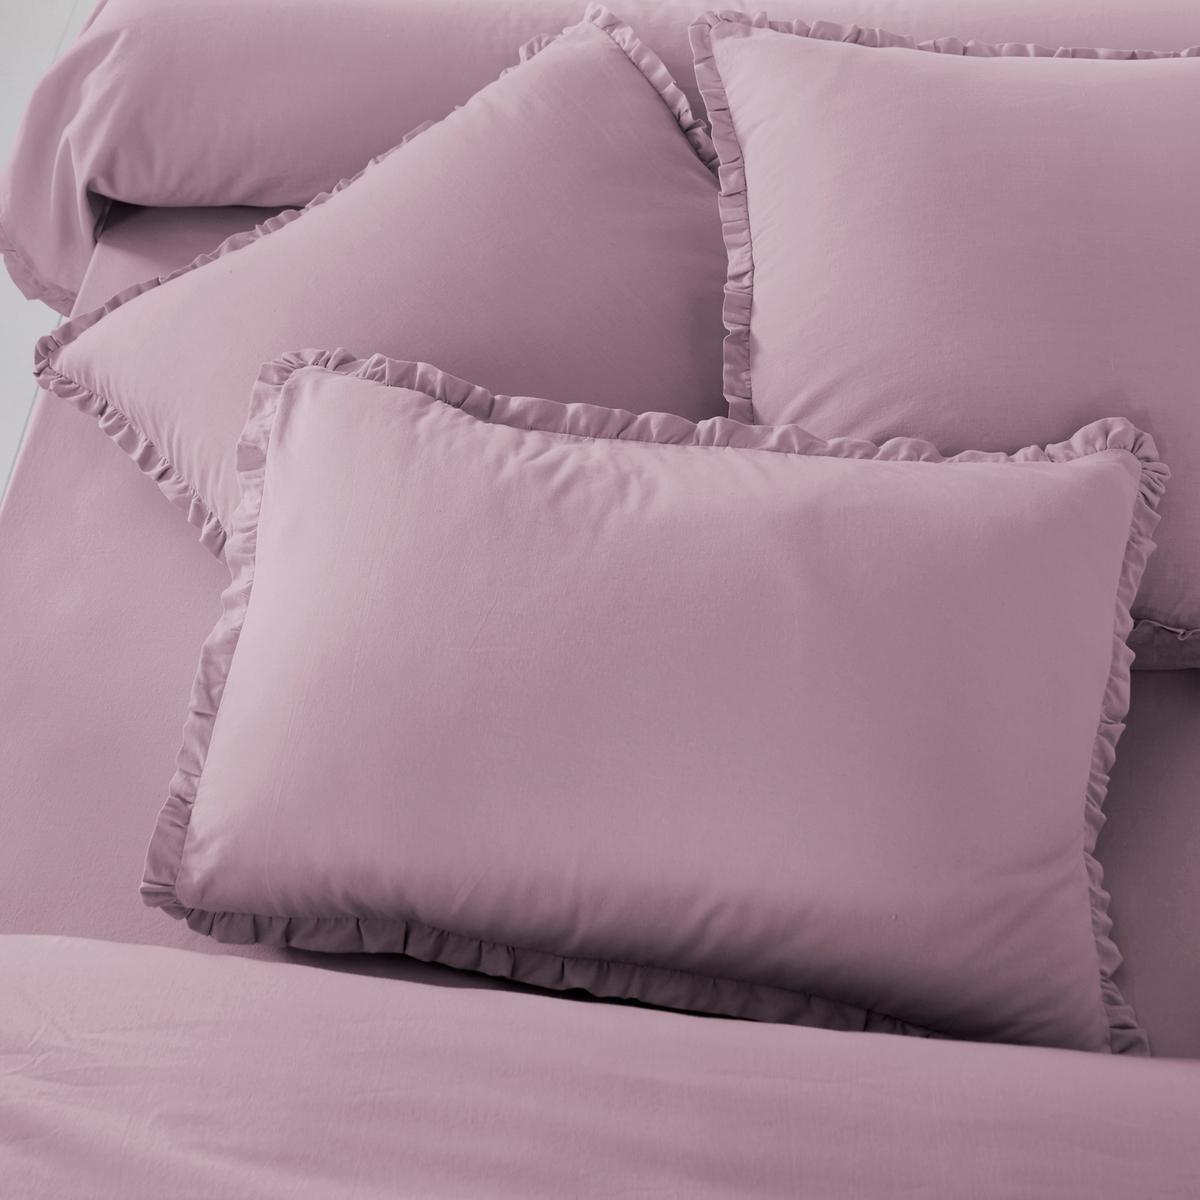 Наволочка из смешанной стиранной ткани, OndinaНаволочка однотонная из смешанной стиранной ткани Ondina в классическом и изысканном исполнении !Описание наволочки Ondina :- Смешанная ткань 55% хлопка, 45% льна, аутентичная и прочная стиранная ткань для большей мягкости и эластичности ..Машинная стирка при 60 °С.- Отделка двойным воланом, со складками.  Размеры :50 x 70 см : прямоугольный63 x 63 см : квадратный<br><br>Цвет: светло-бежевый,серо-фиалковый<br>Размер: 63 x 63  см.63 x 63  см